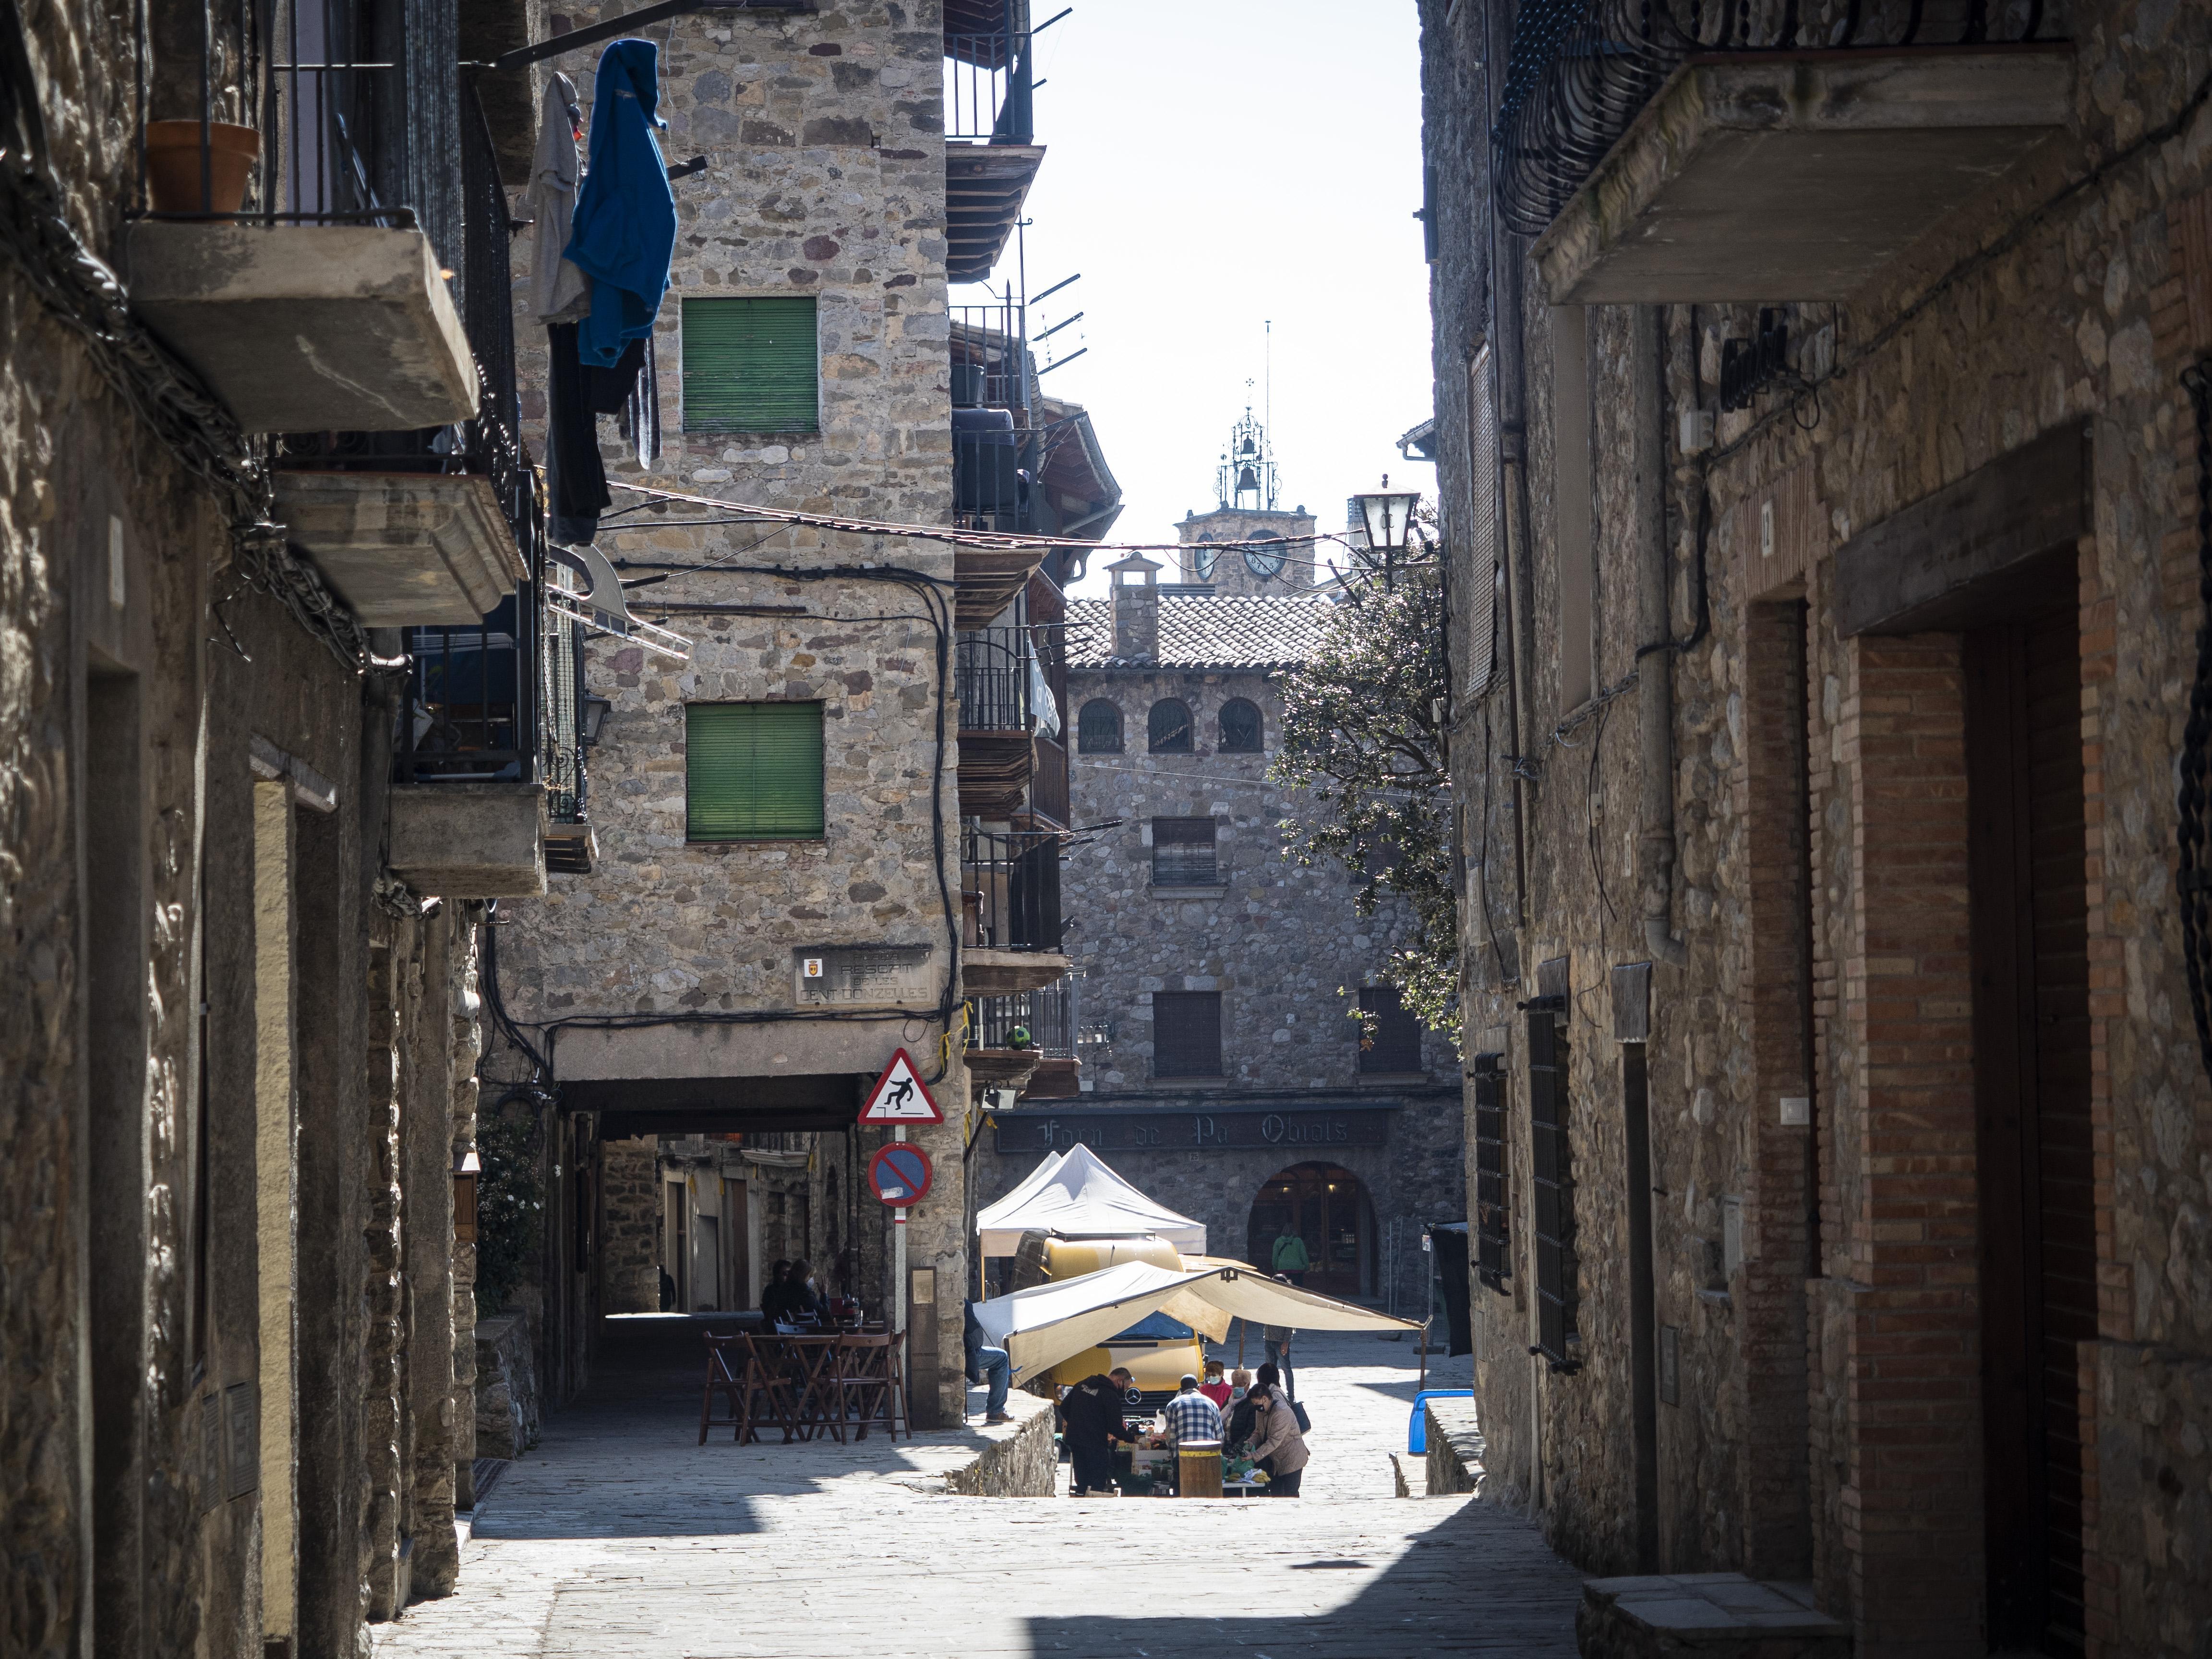 Bagà, una vila medieval 5. FOTO: Anna E. Puig